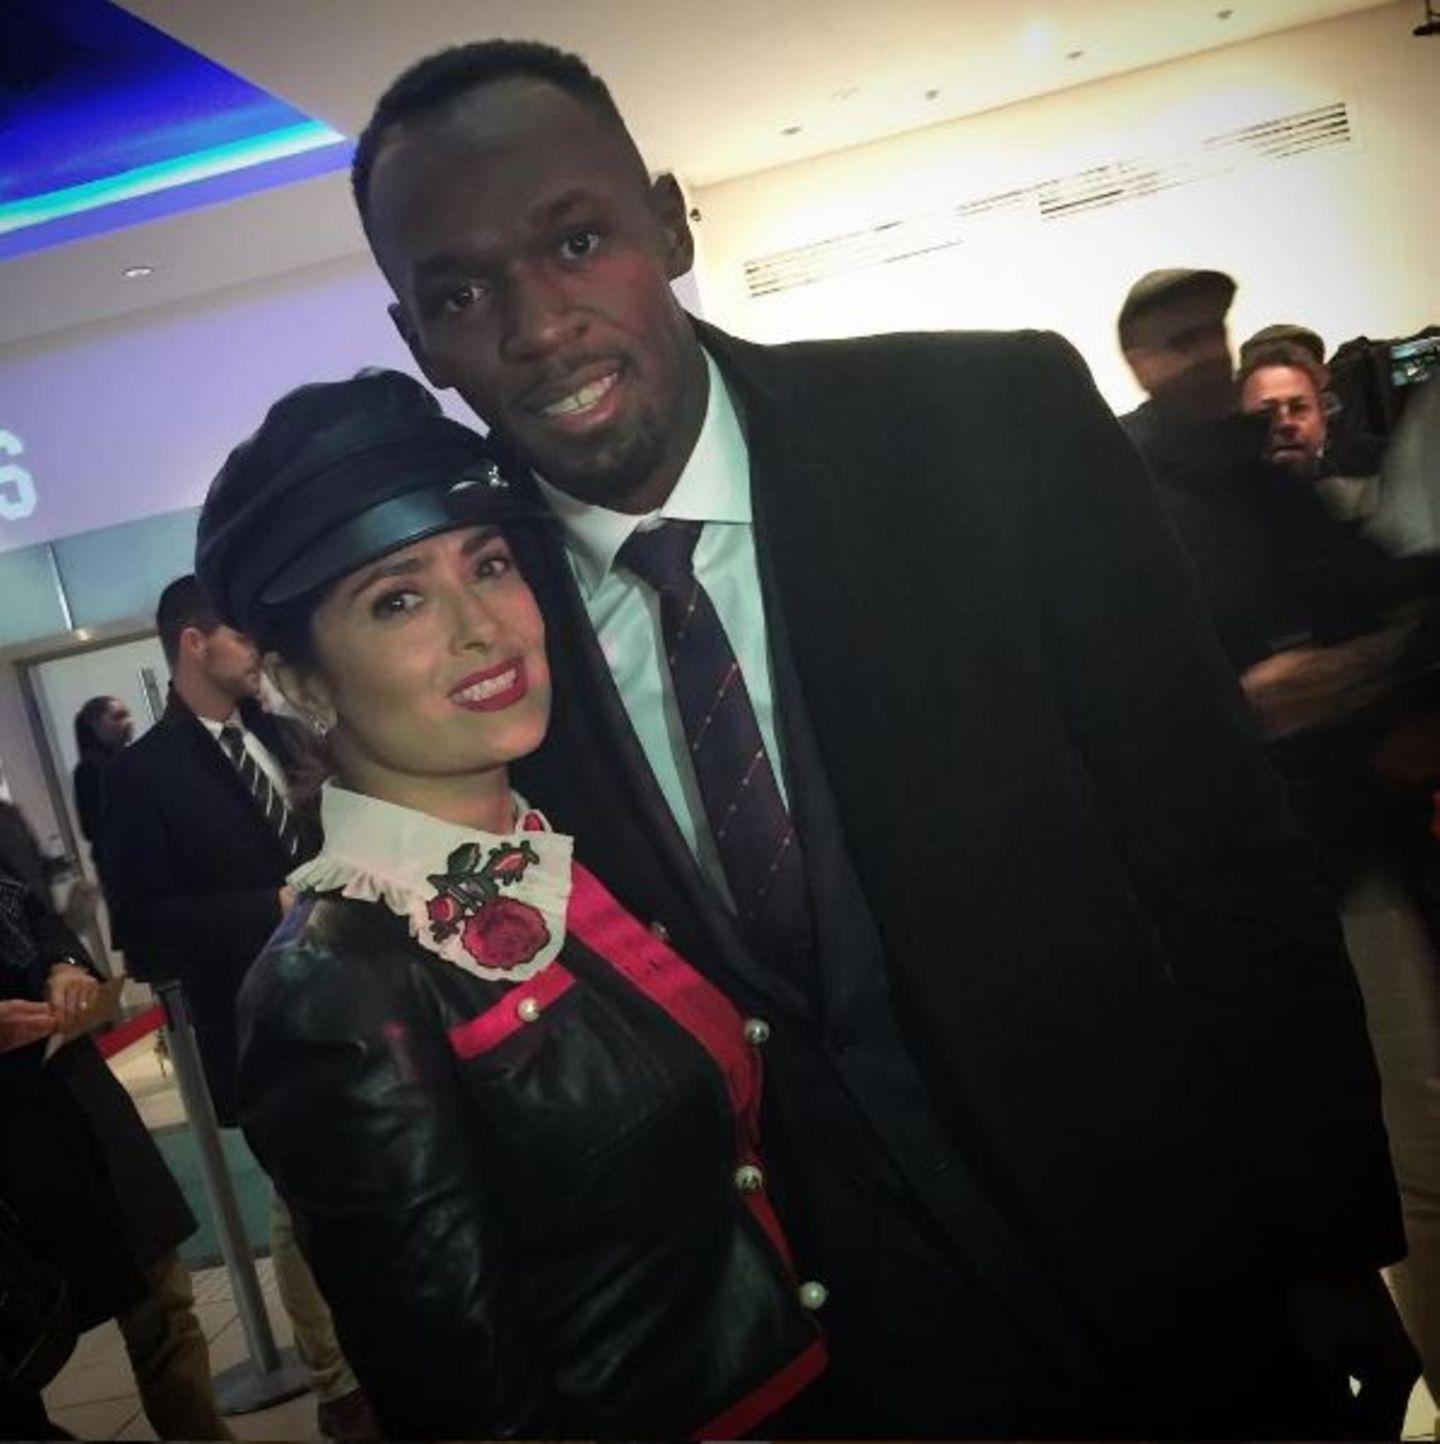 Schnell mal den schnellsten Mann der Welt geschnappt: Salma Hayek lässt sich mit Usain Bolt ablichten.